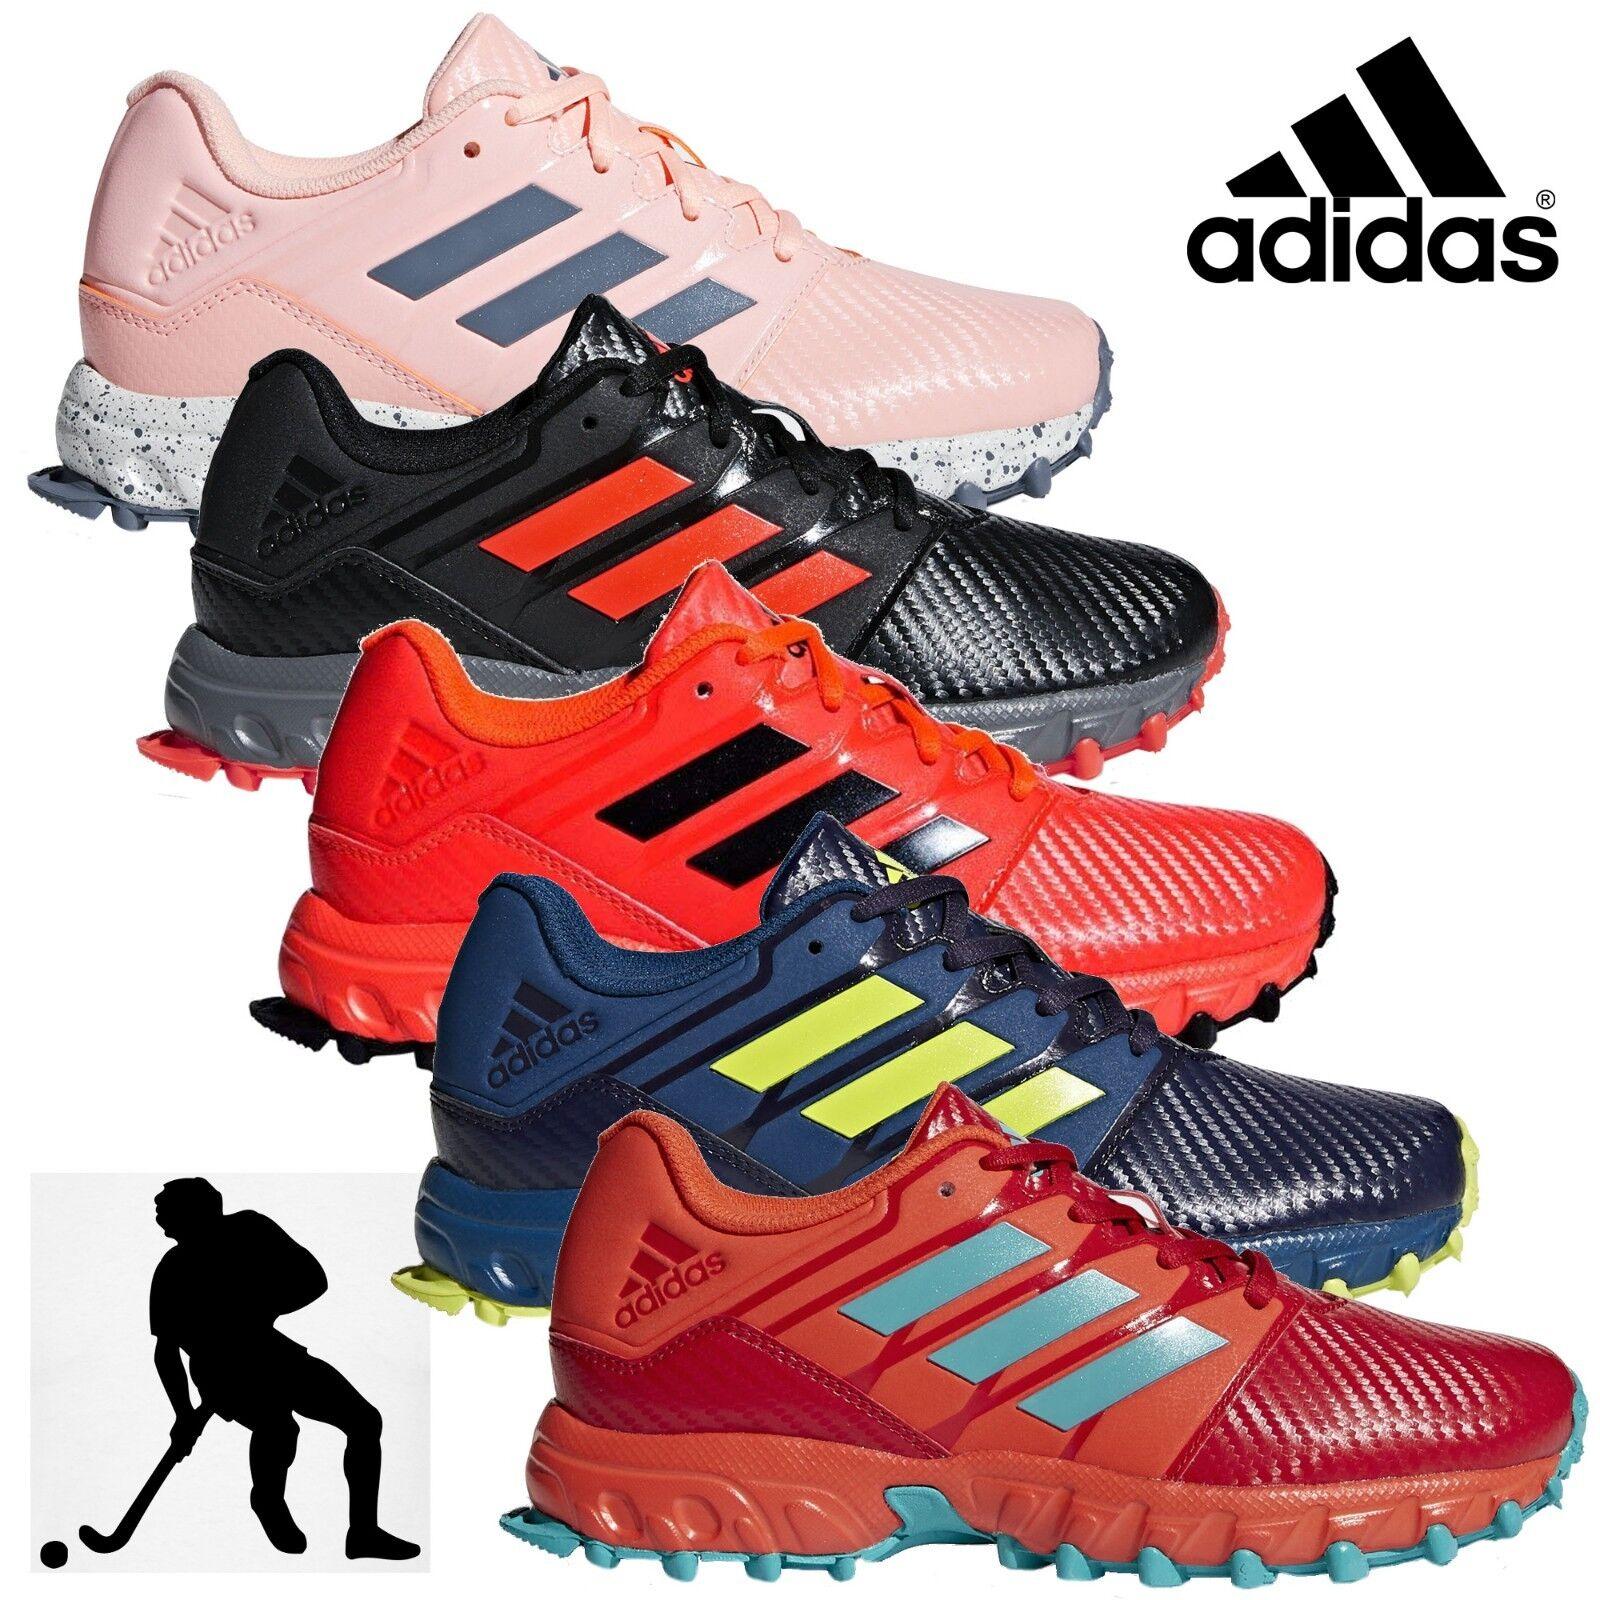 many styles hot product high fashion Détails sur Adidas Lux Junior de hockey sur gazon Chaussures Enfants  Garçons & Filles Unisexe Sports Baskets- afficher le titre d'origine